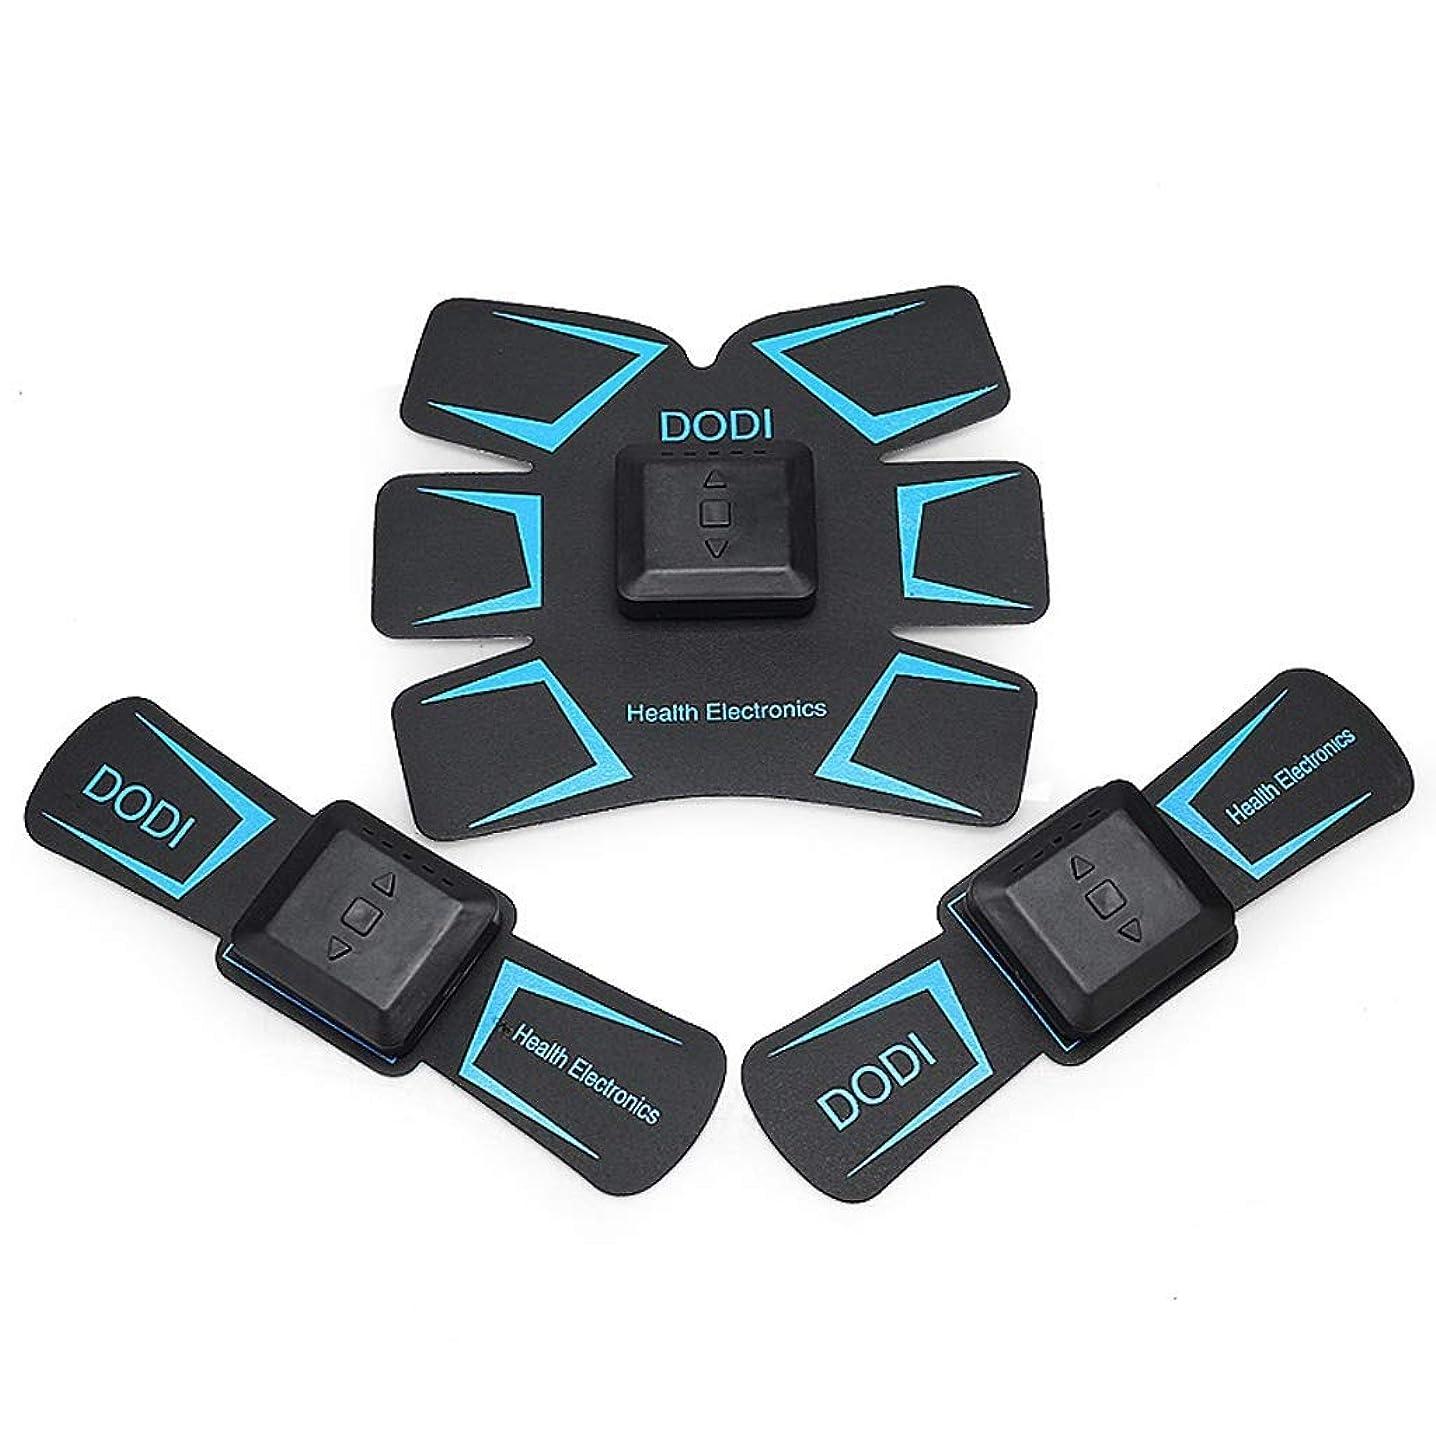 クランシーアルカイックイデオロギーABSトレーナーEMS筋肉刺激装置付き - USB充電式究極腹部刺激装置付きリズム&ソフトインパルス - ポータブルマッスルトナー (Color : Blue)